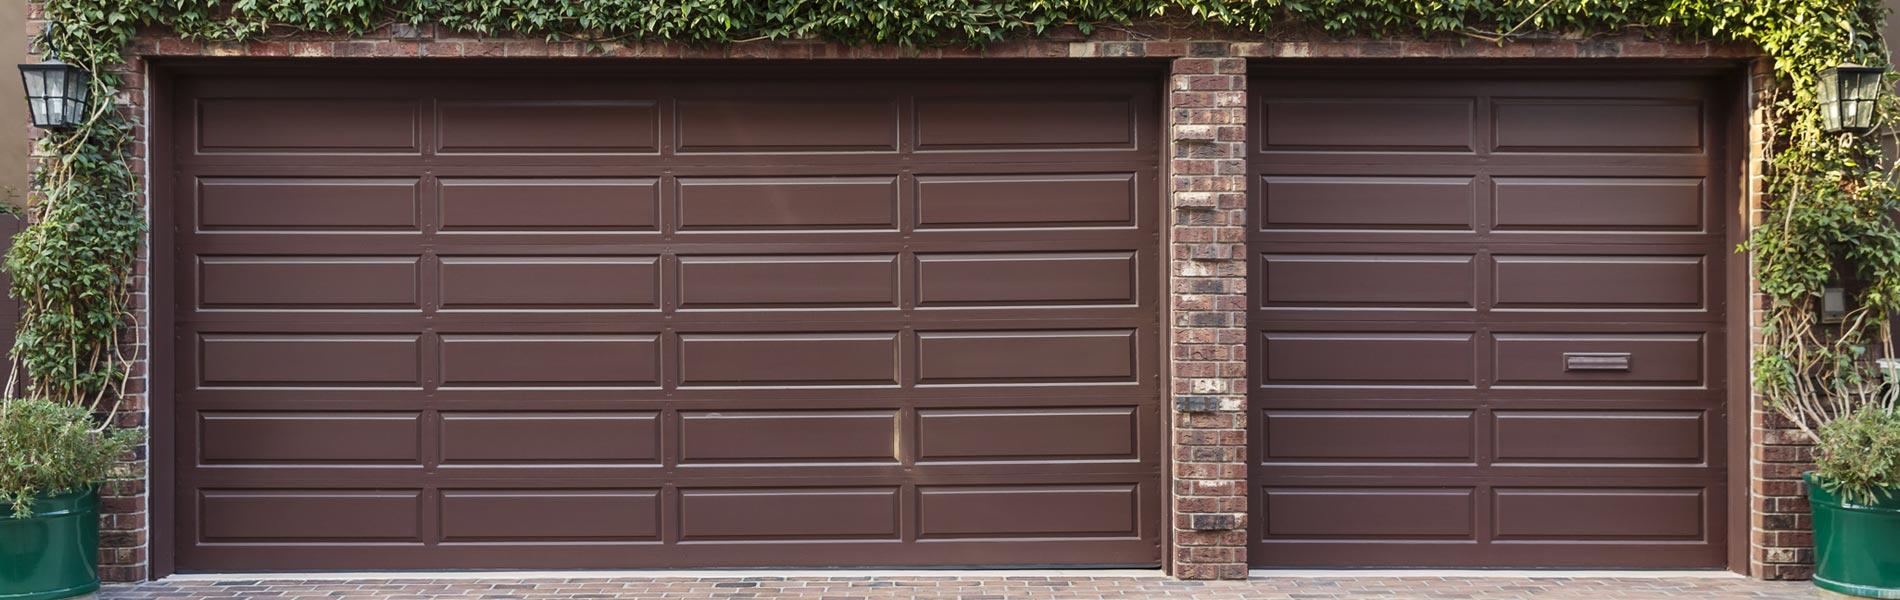 Quality Garage Door Automatic Garage Door Repair Santa Monica